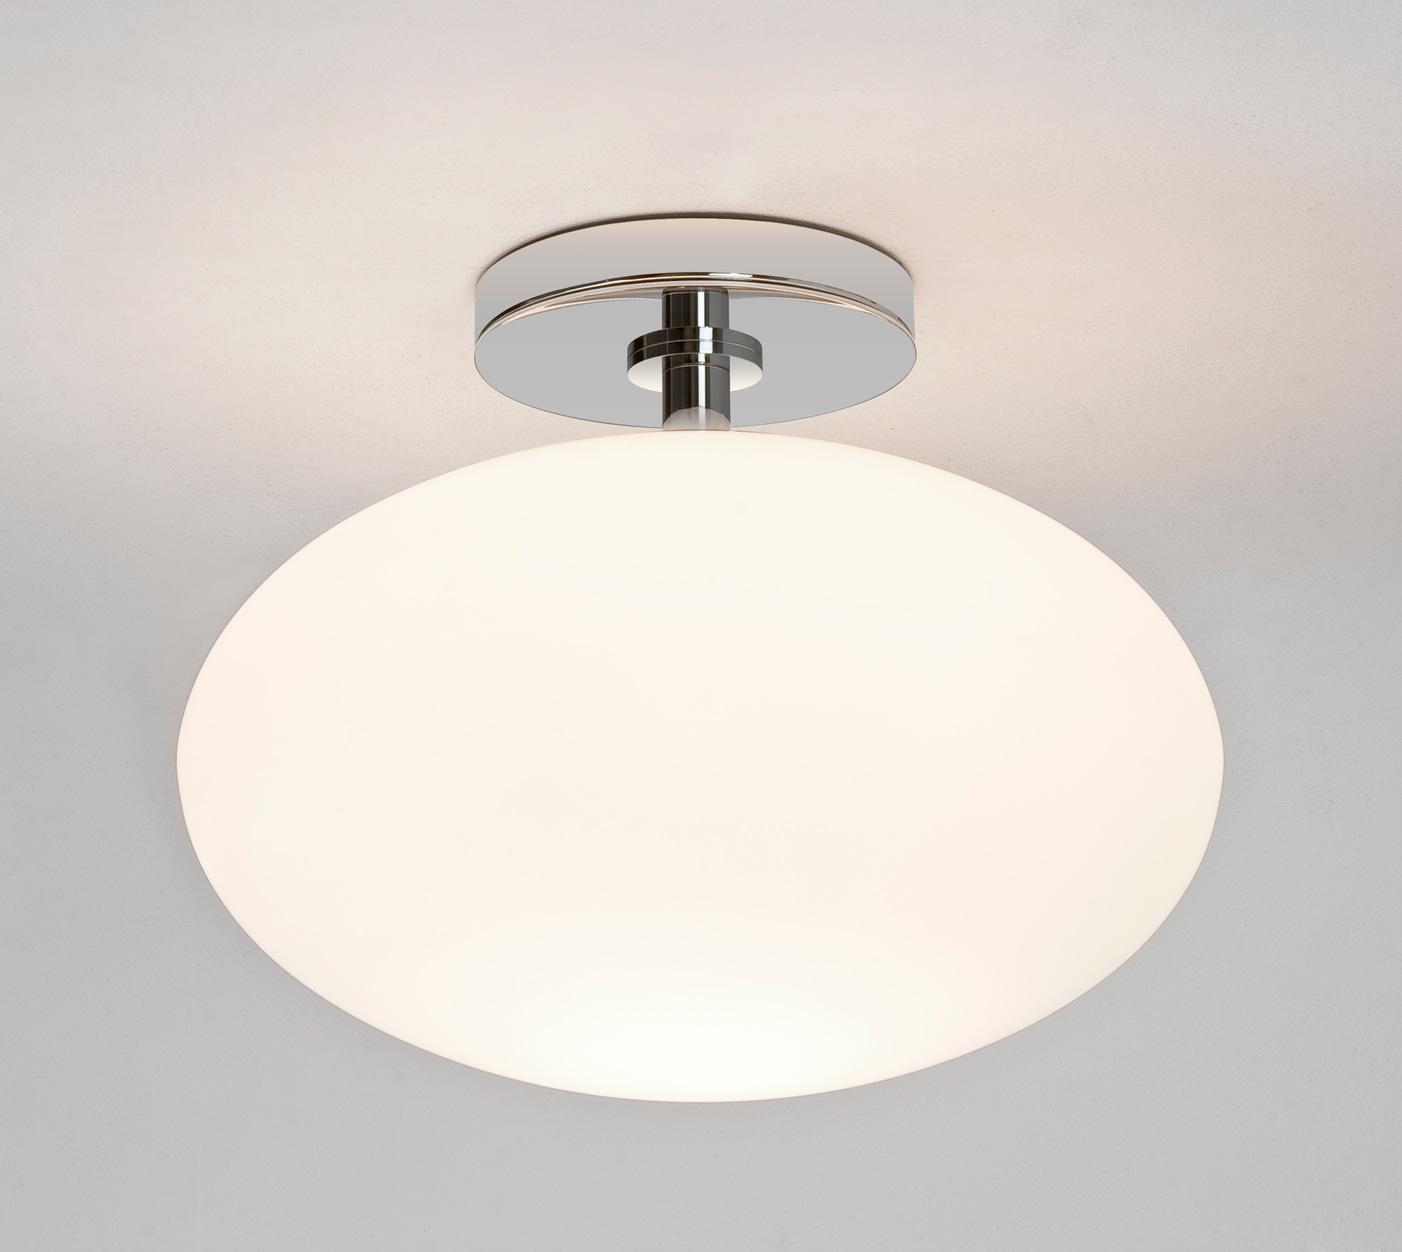 Astro Zeppo 0830 Bathroom Glass Oval Ceiling Ligh 60W E27